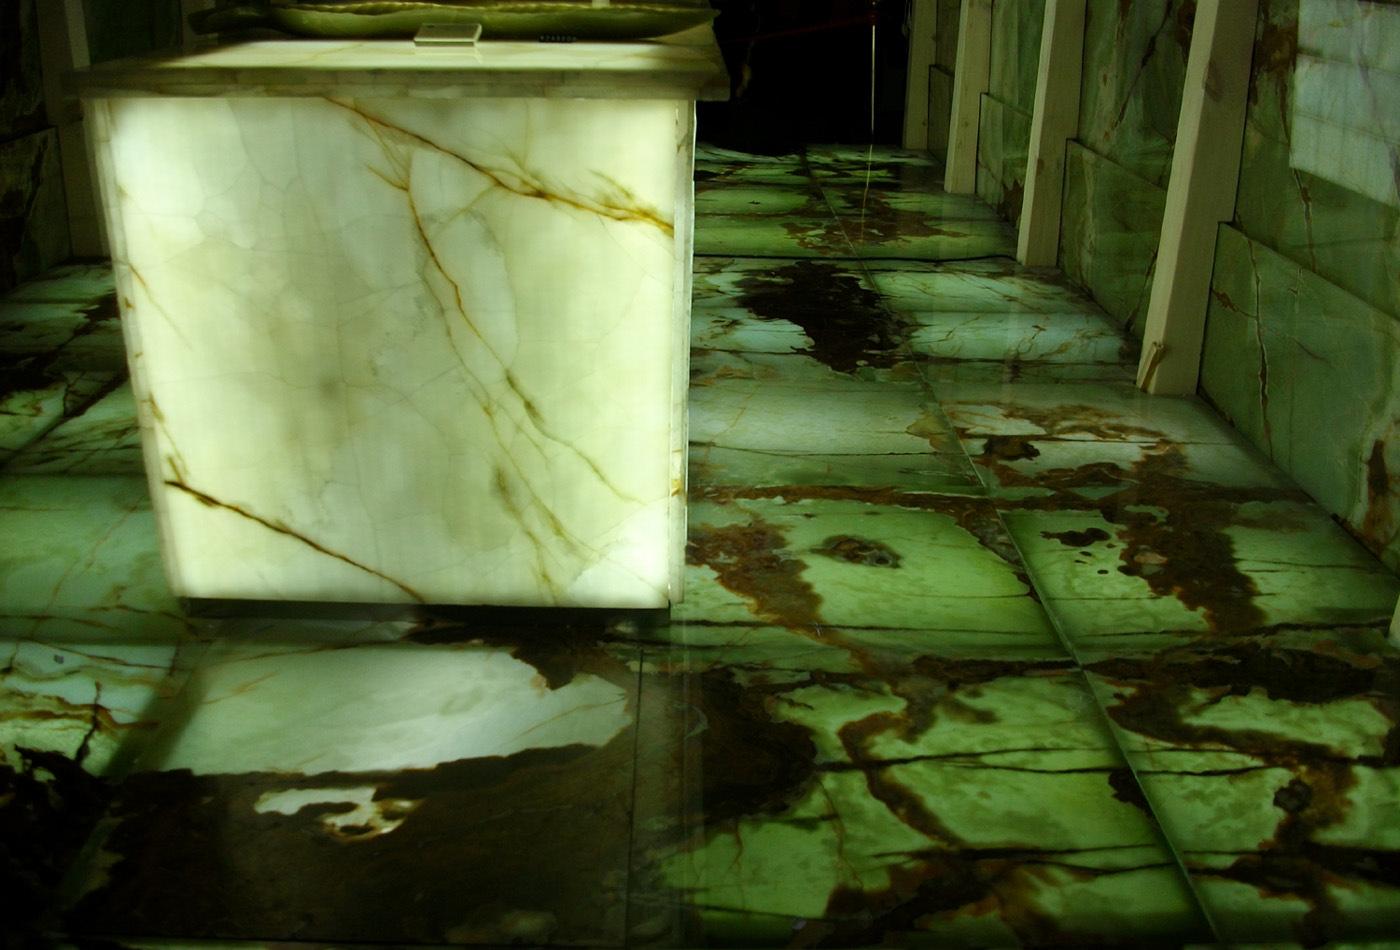 Azulejo de m rmol verde de paquist n azulejo de m rmol - Azulejos de marmol ...